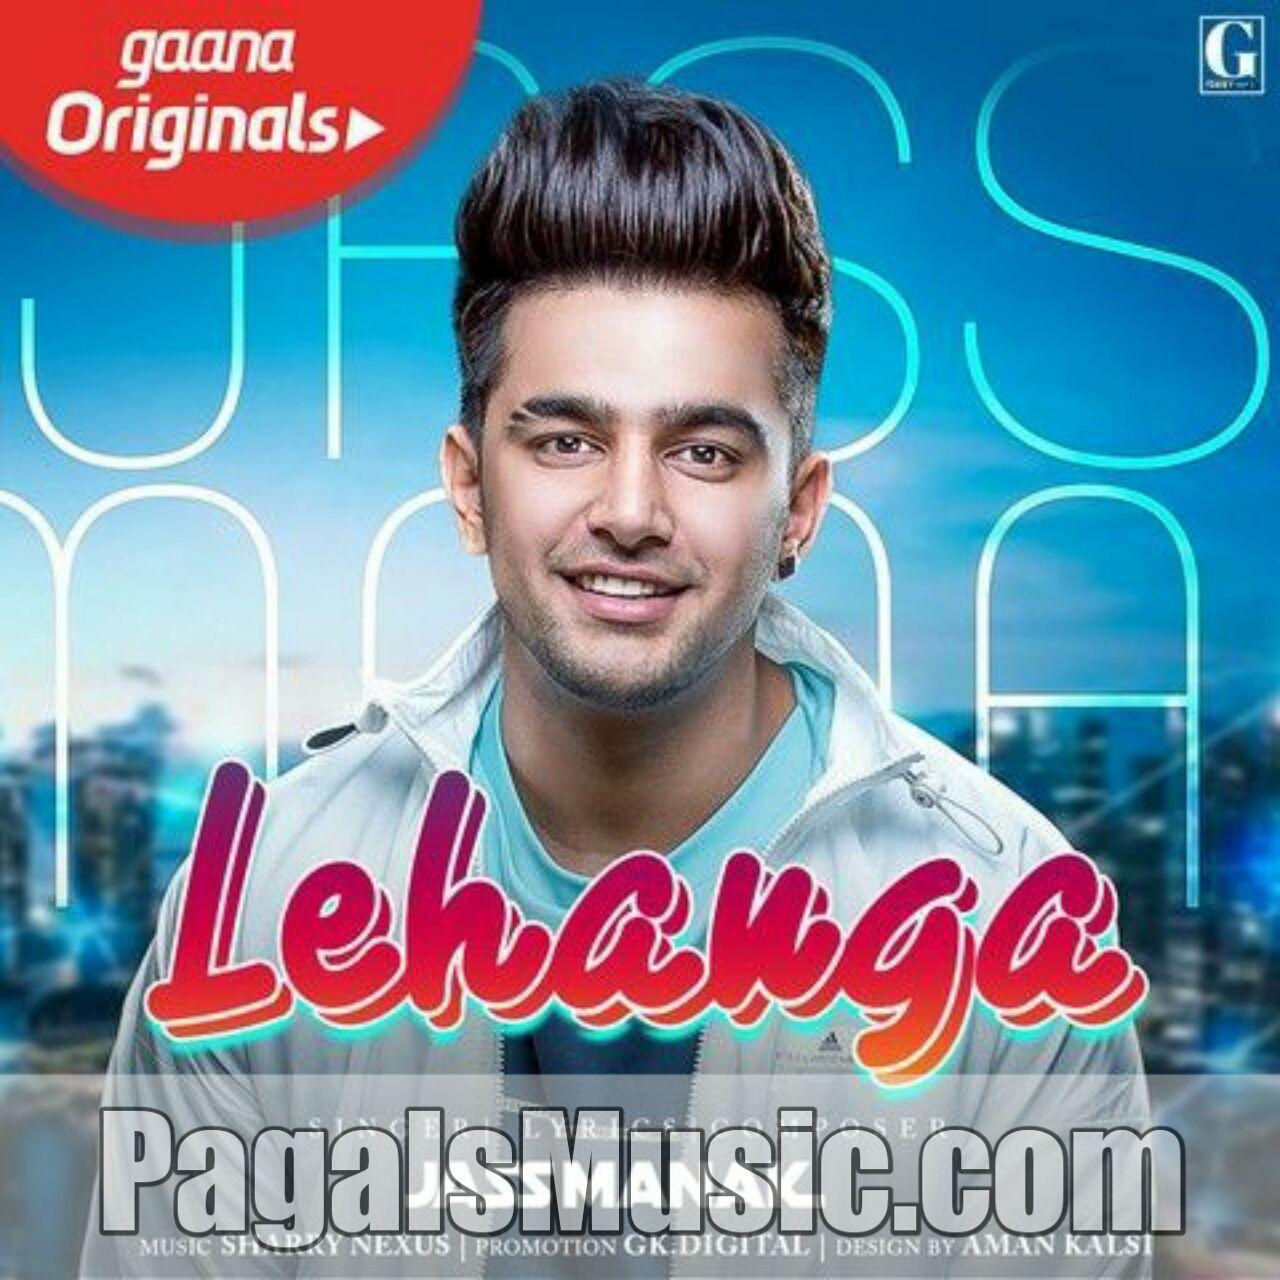 Lehanga Jass Manak Panjabi Song Download Pagalmusic Com Mp3 Song Download Mp3 Song Youtube Songs